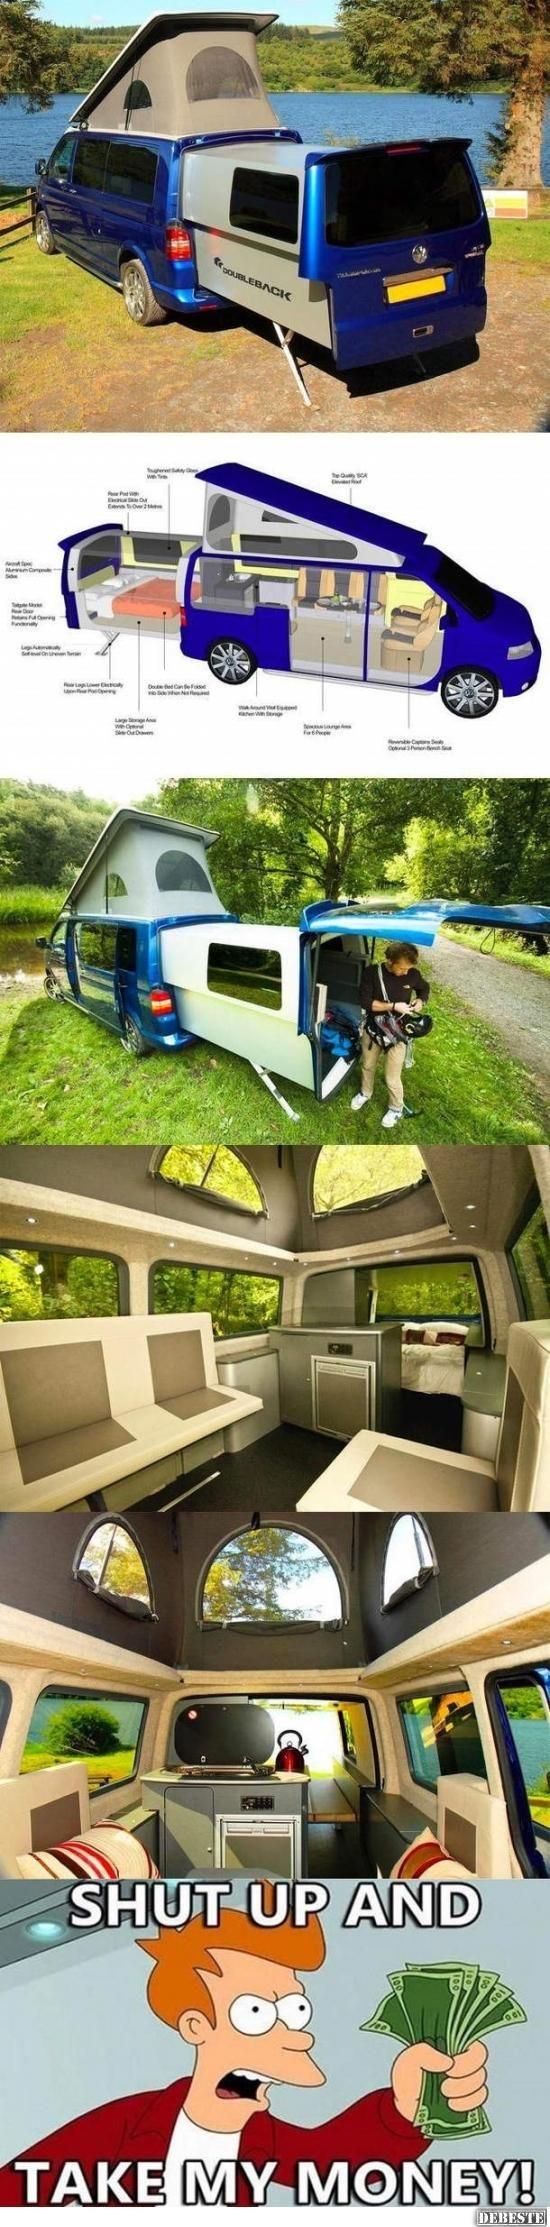 Camper 2.0